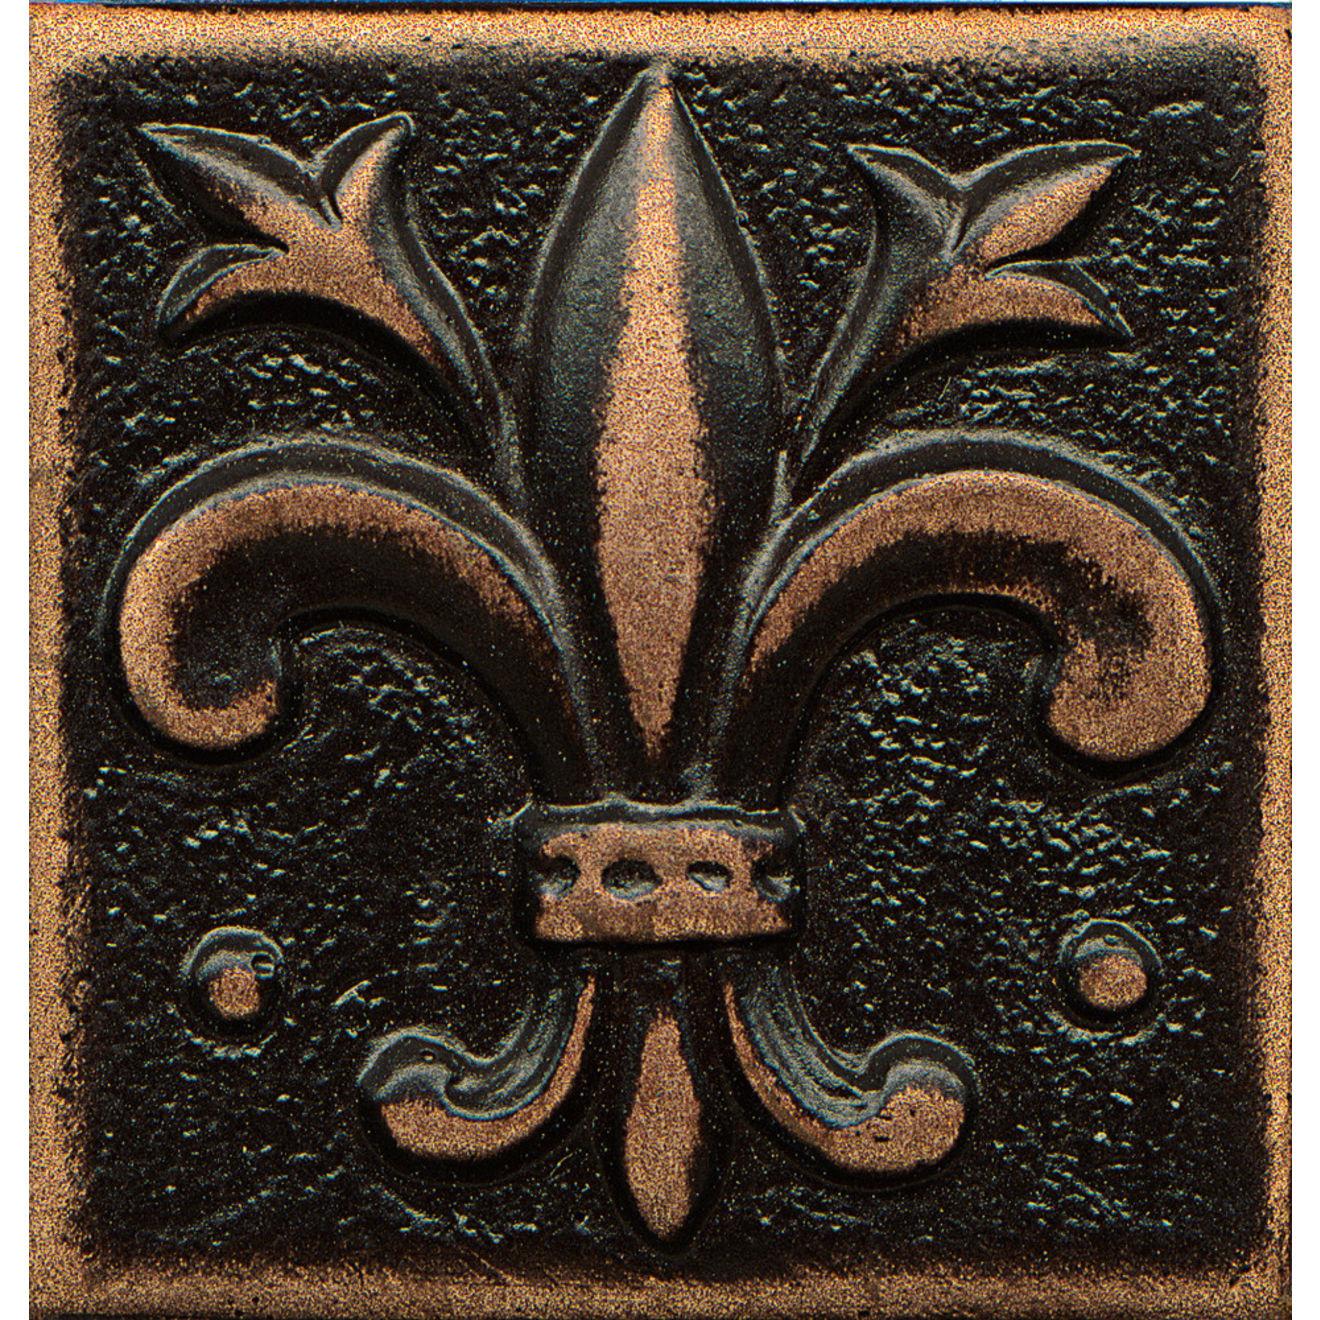 """Ambiance 2"""" x 2"""" Flo-de-Lis Metal Resin Insert in Venetian Bronze"""